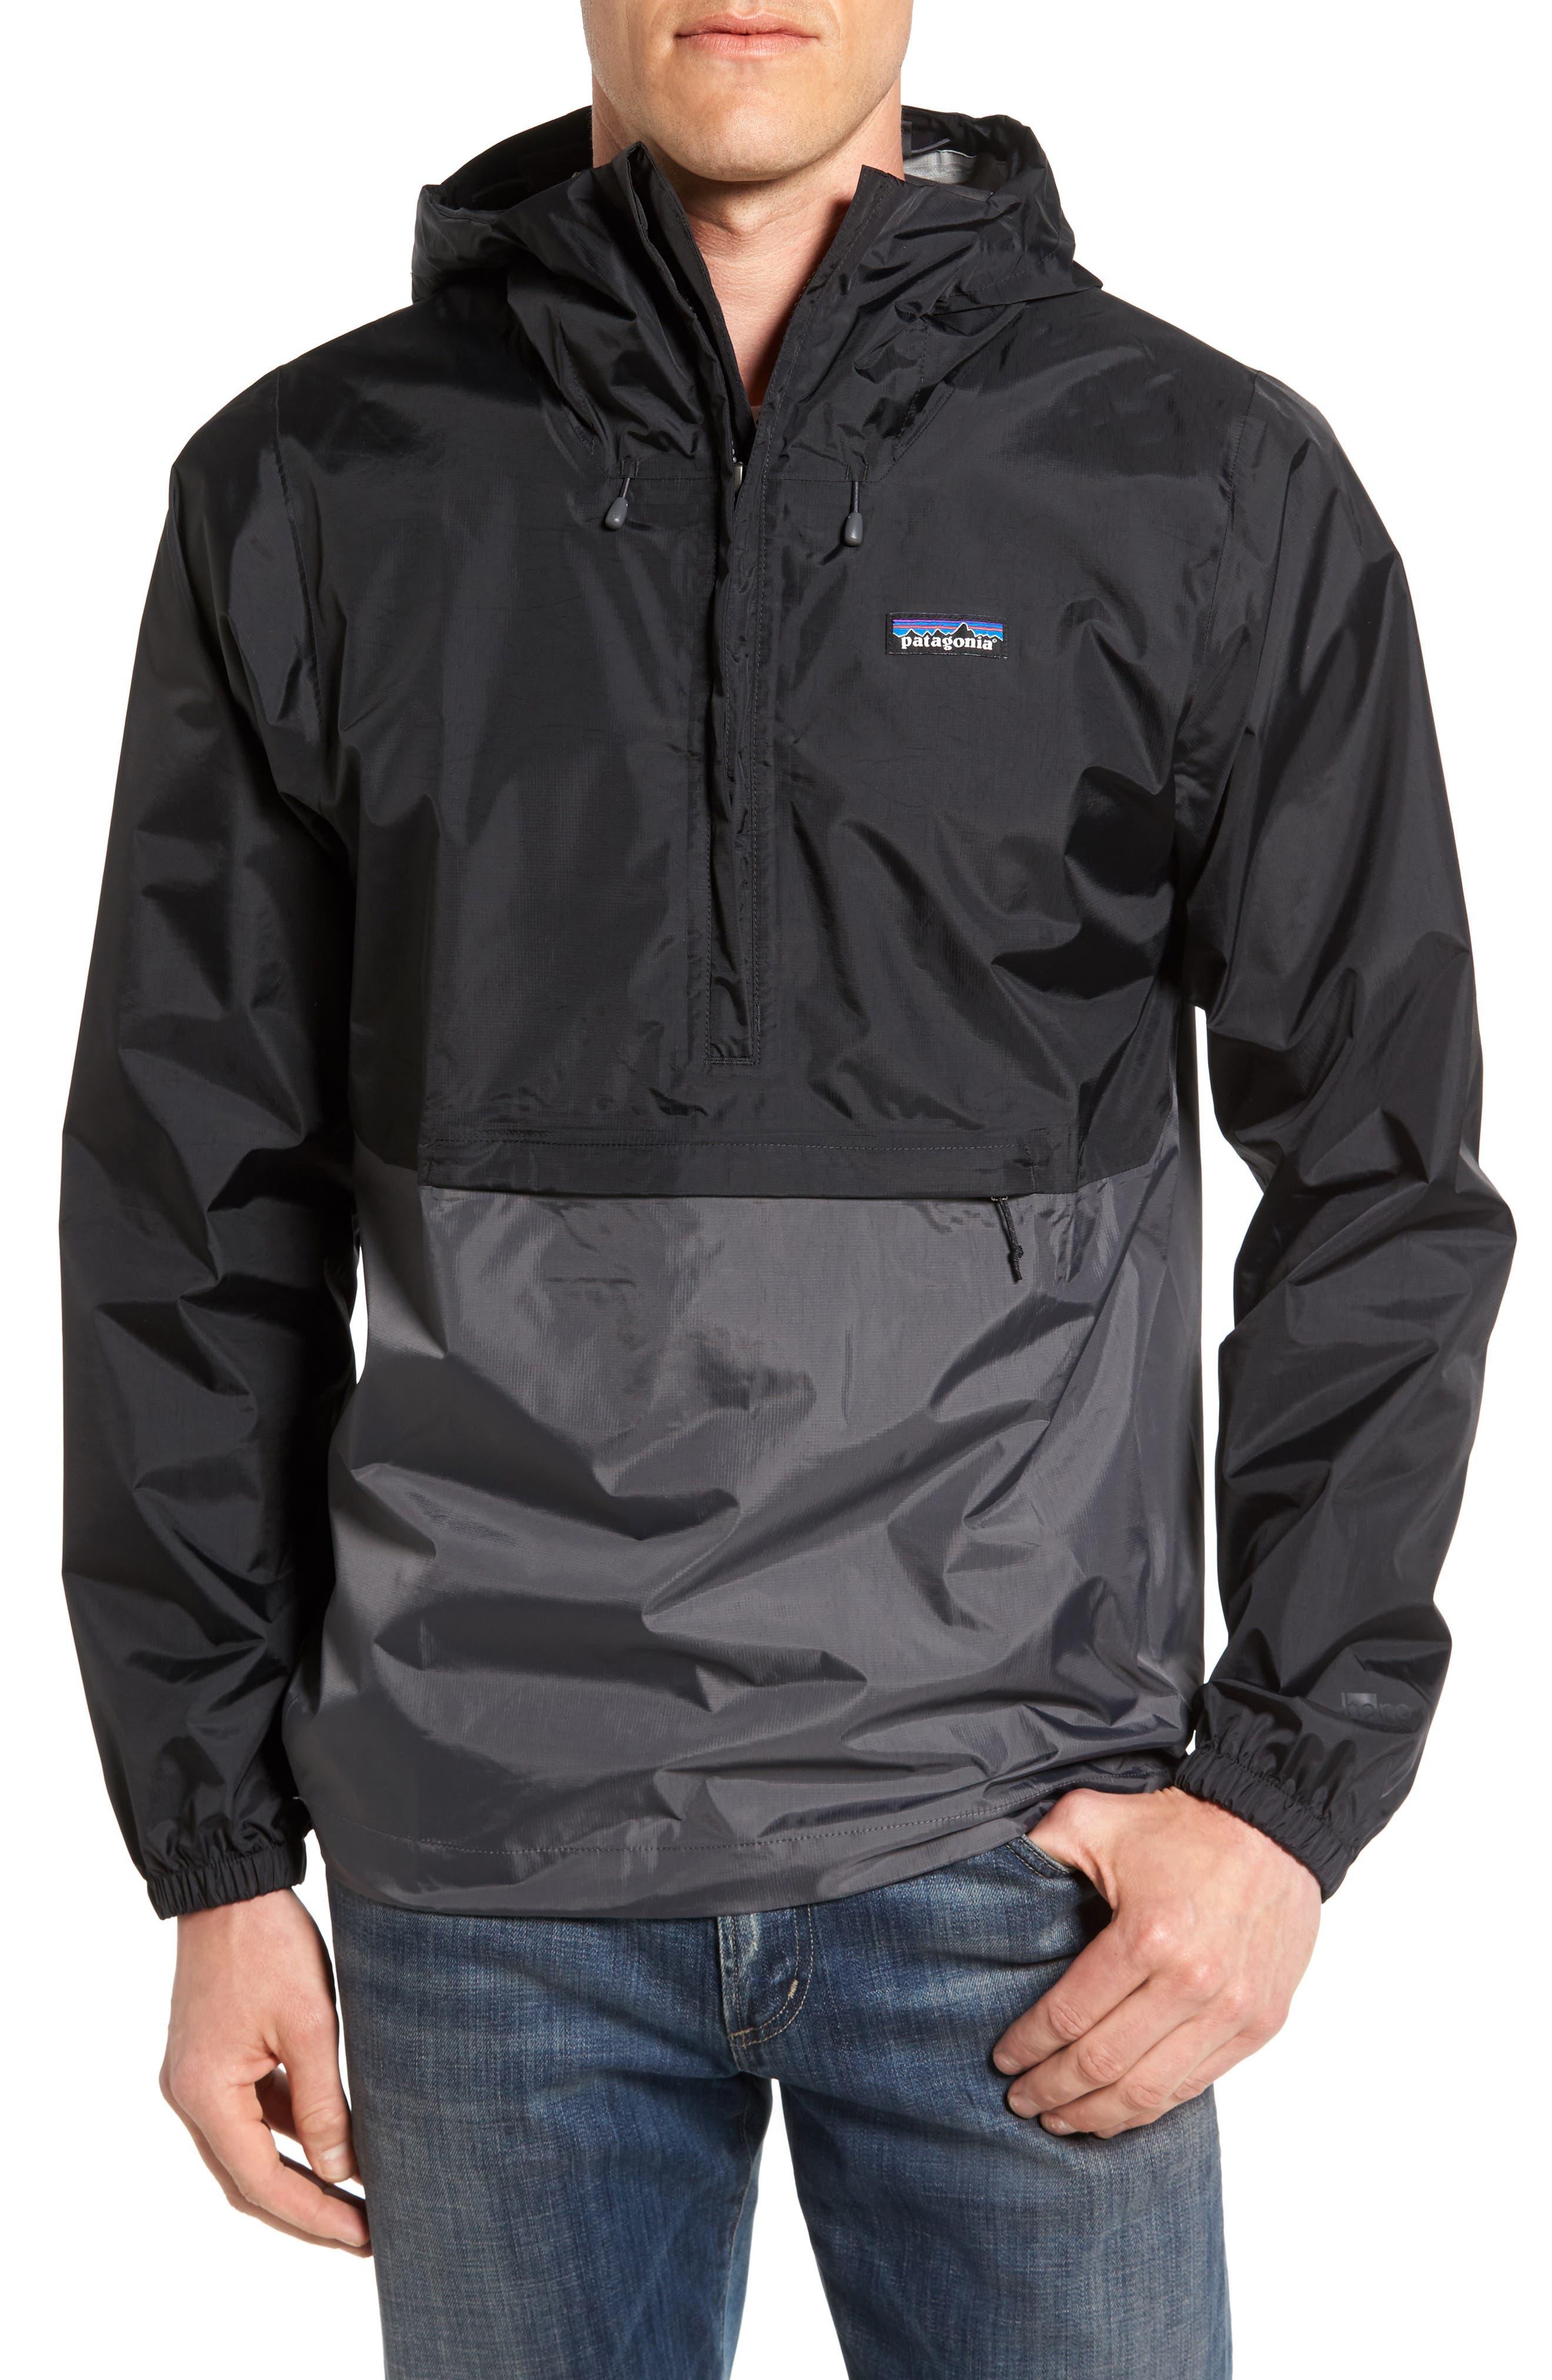 Patagonia 'Torrentshell' Packable Regular Fit Rain Jacket